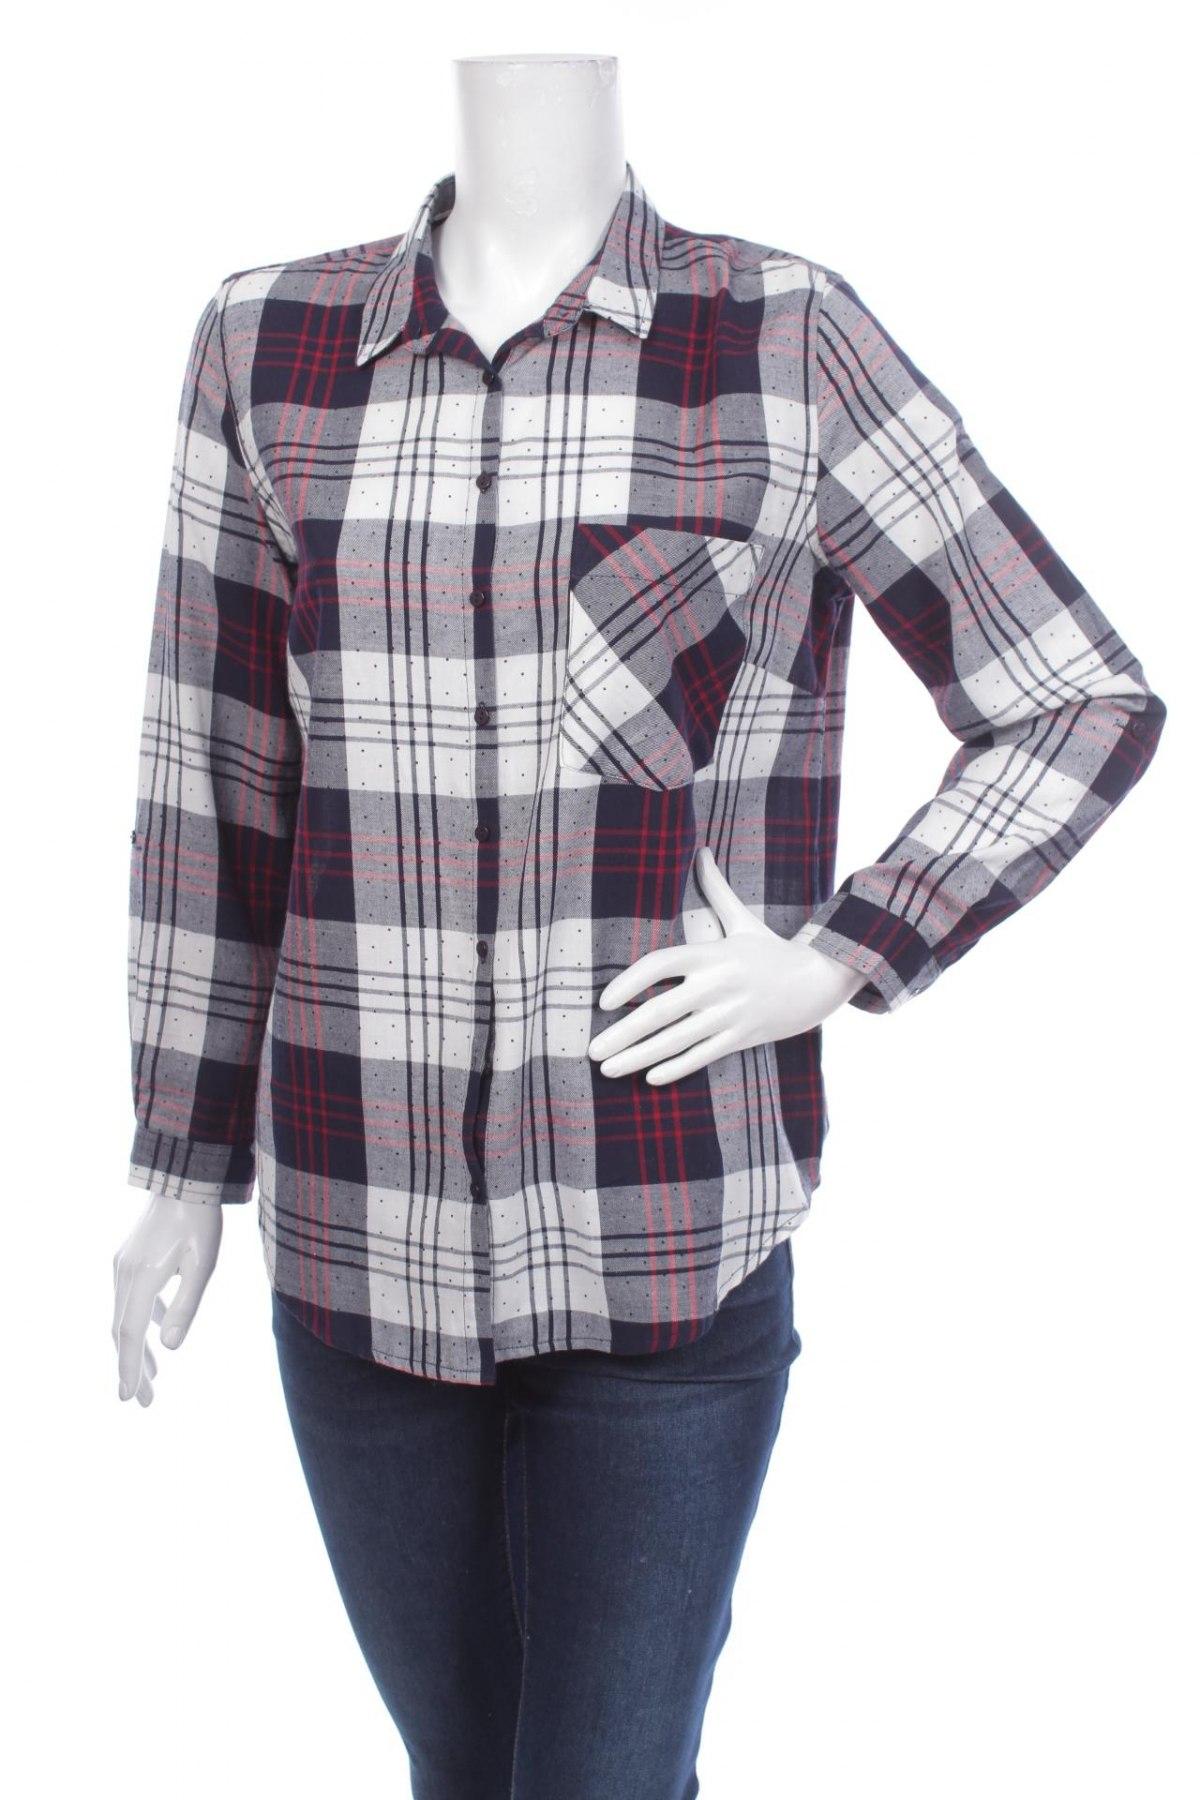 Γυναικείο πουκάμισο Sinsay, Μέγεθος M, Χρώμα Πολύχρωμο, Βαμβάκι, Τιμή 18,04€